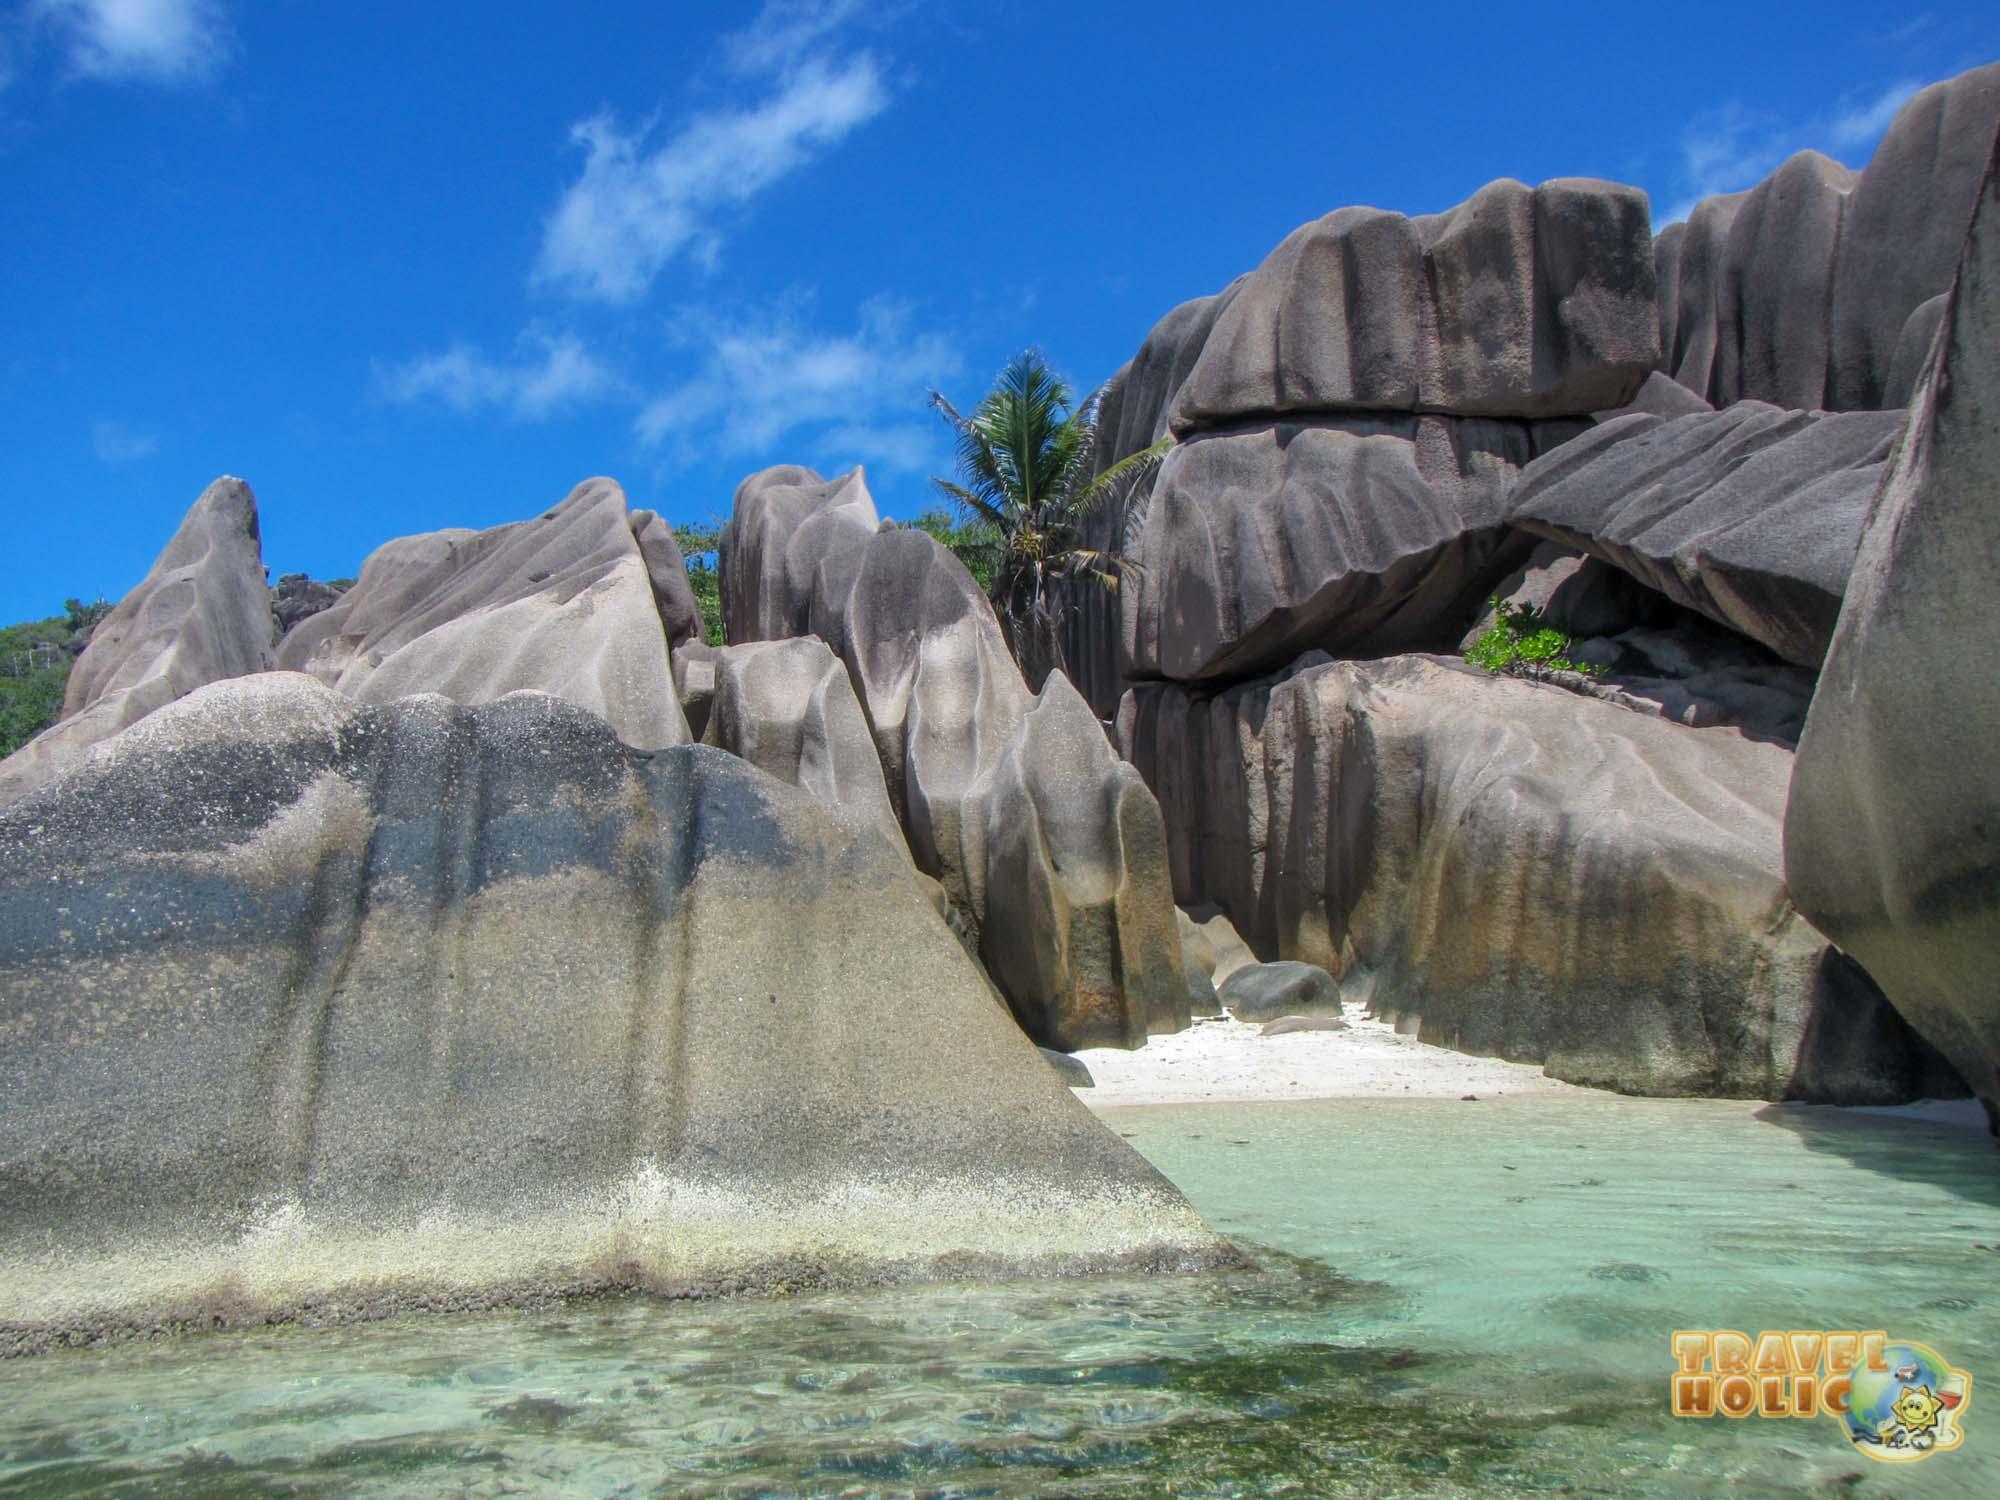 Plage d'Anse Source d'Argent, Seychelles